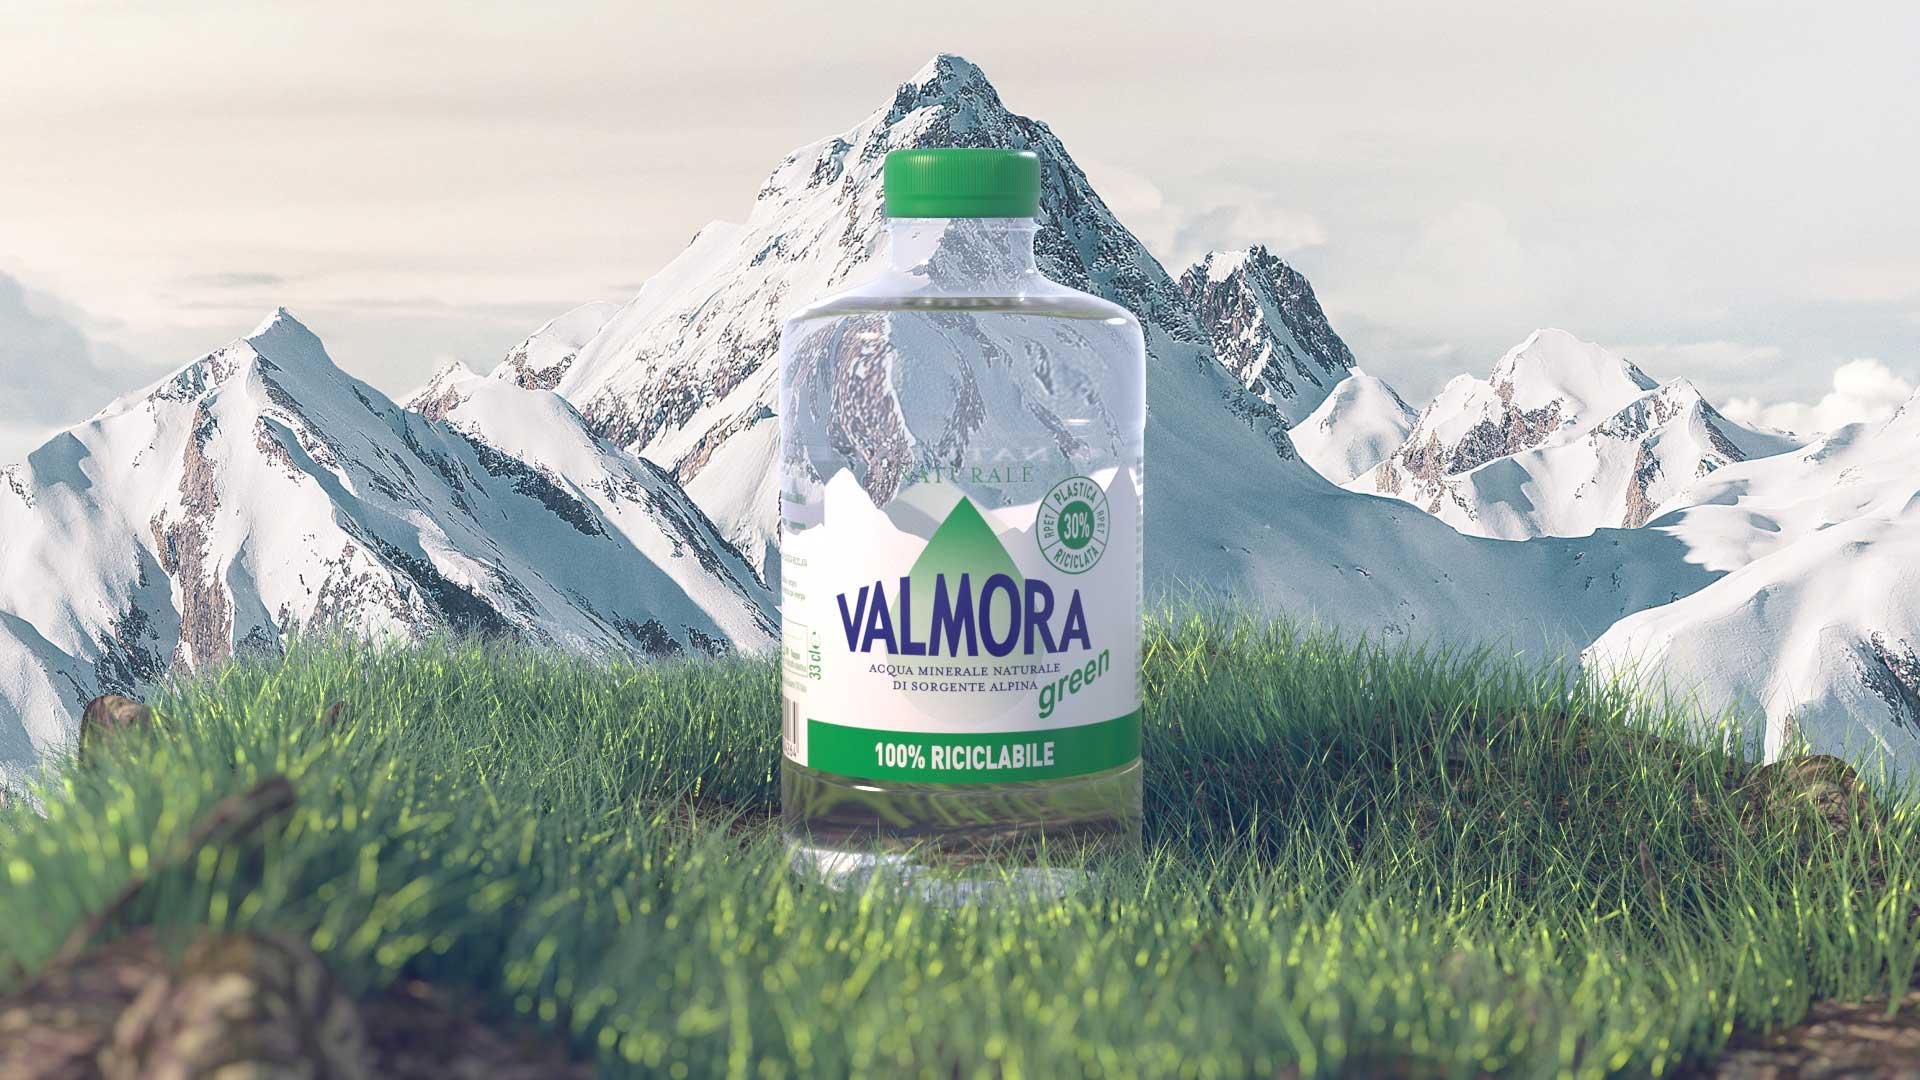 Acqua Valmora, la purezza delle Alpi in formato tascabile